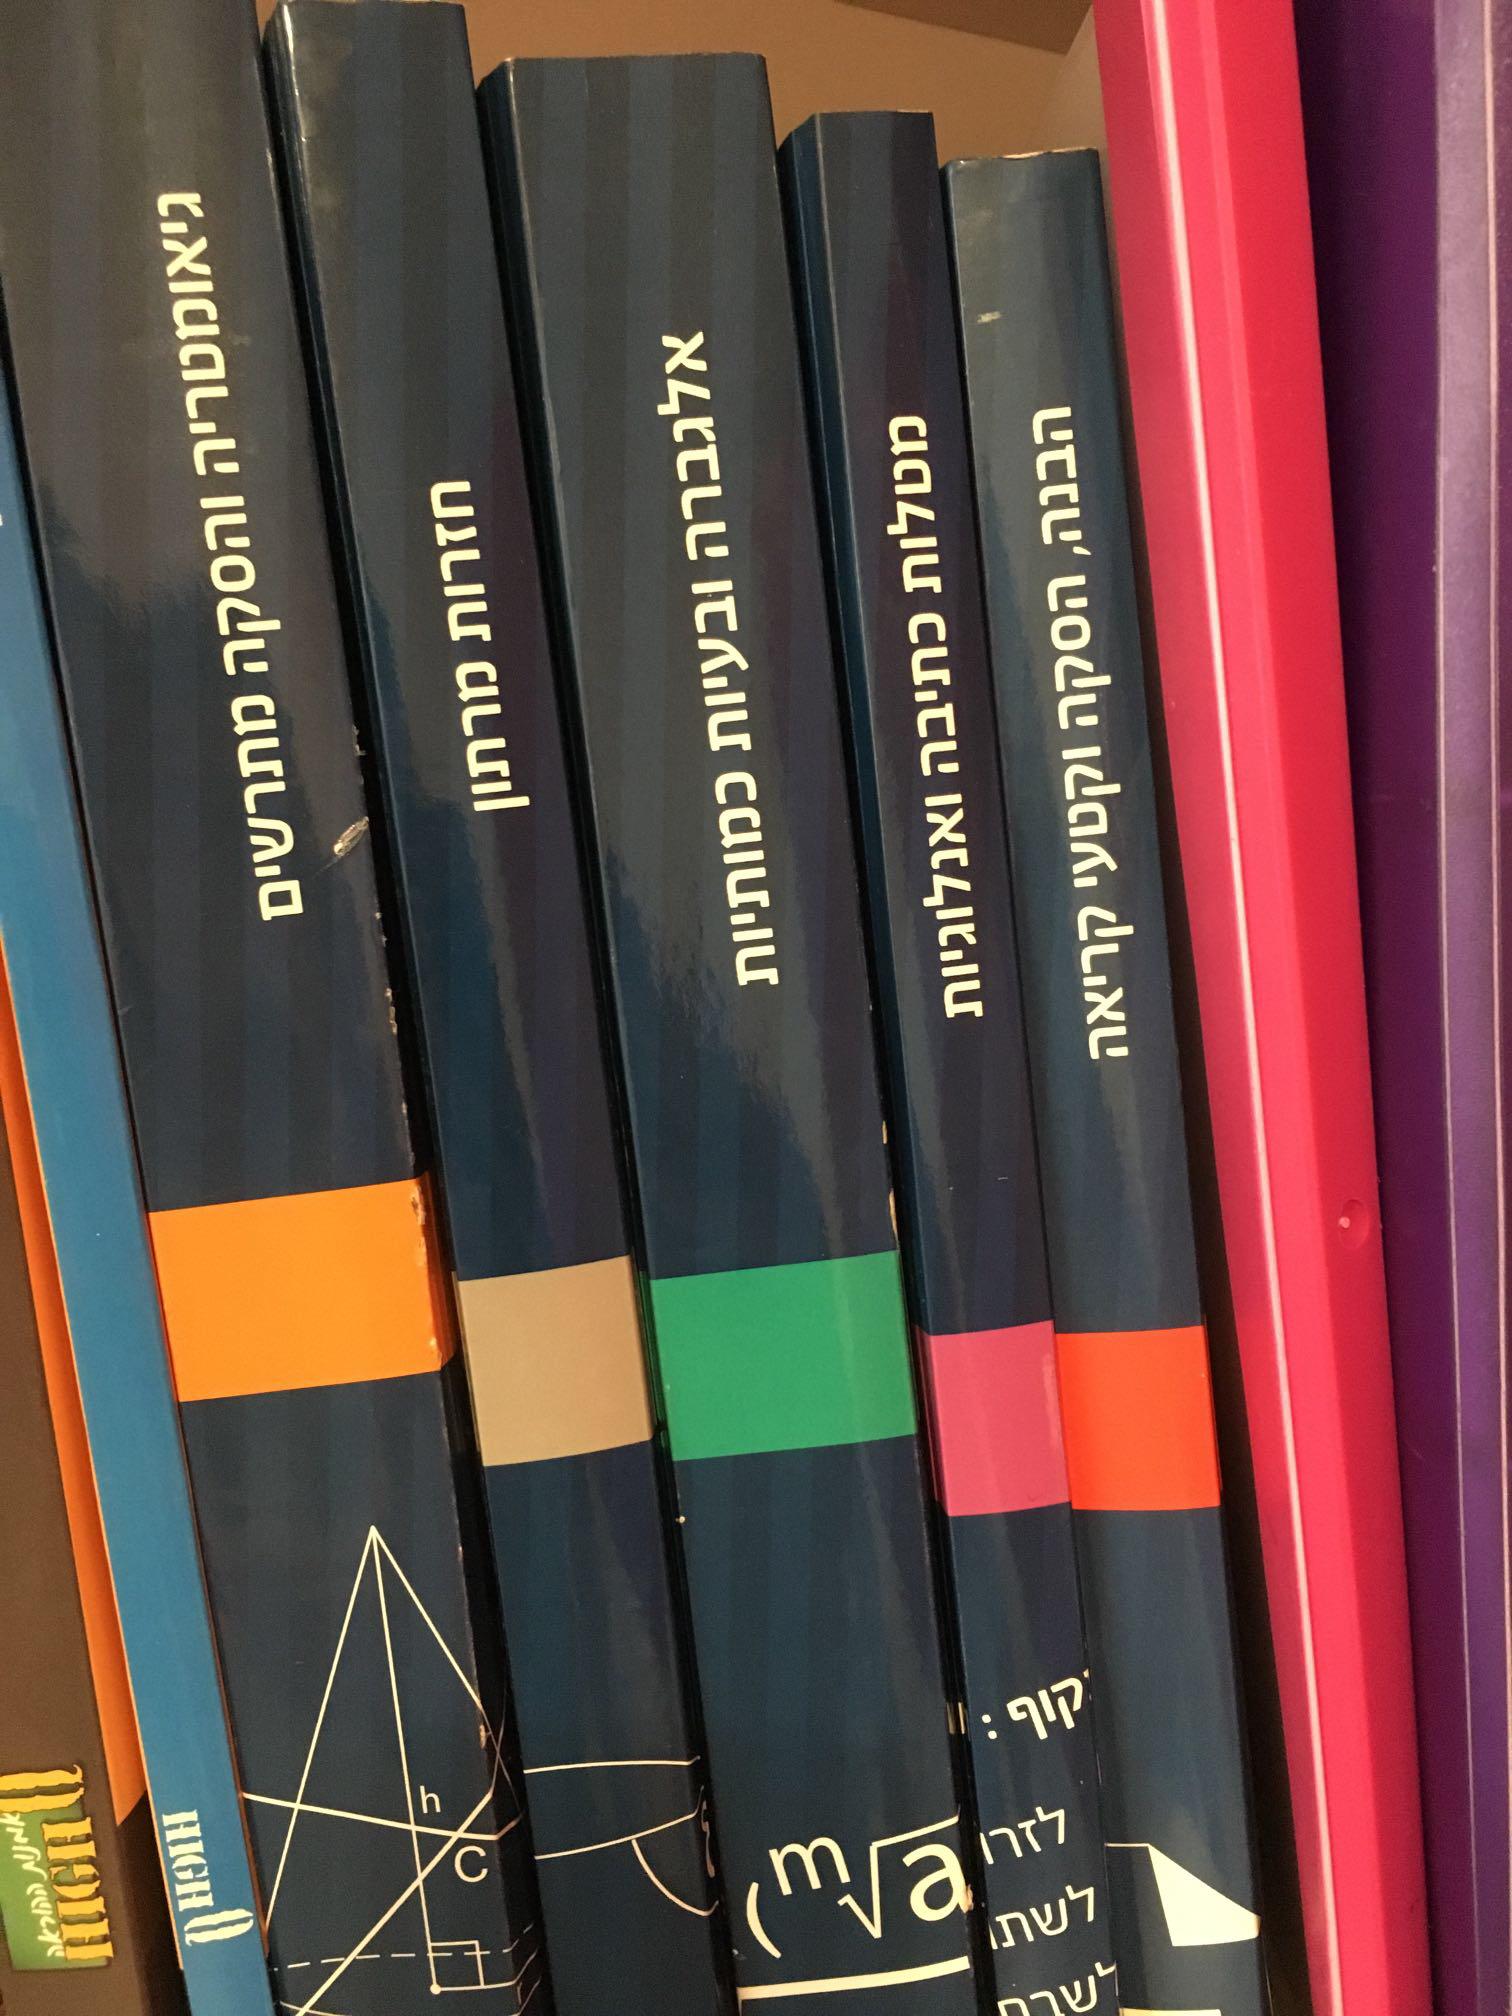 ספרים-וסימולציות-לפסיכומטרי-של-ניב-רווח-פסיכומטרי.-במצב-מעולה,-שומש-רק-פעם-אחת! - יד 2